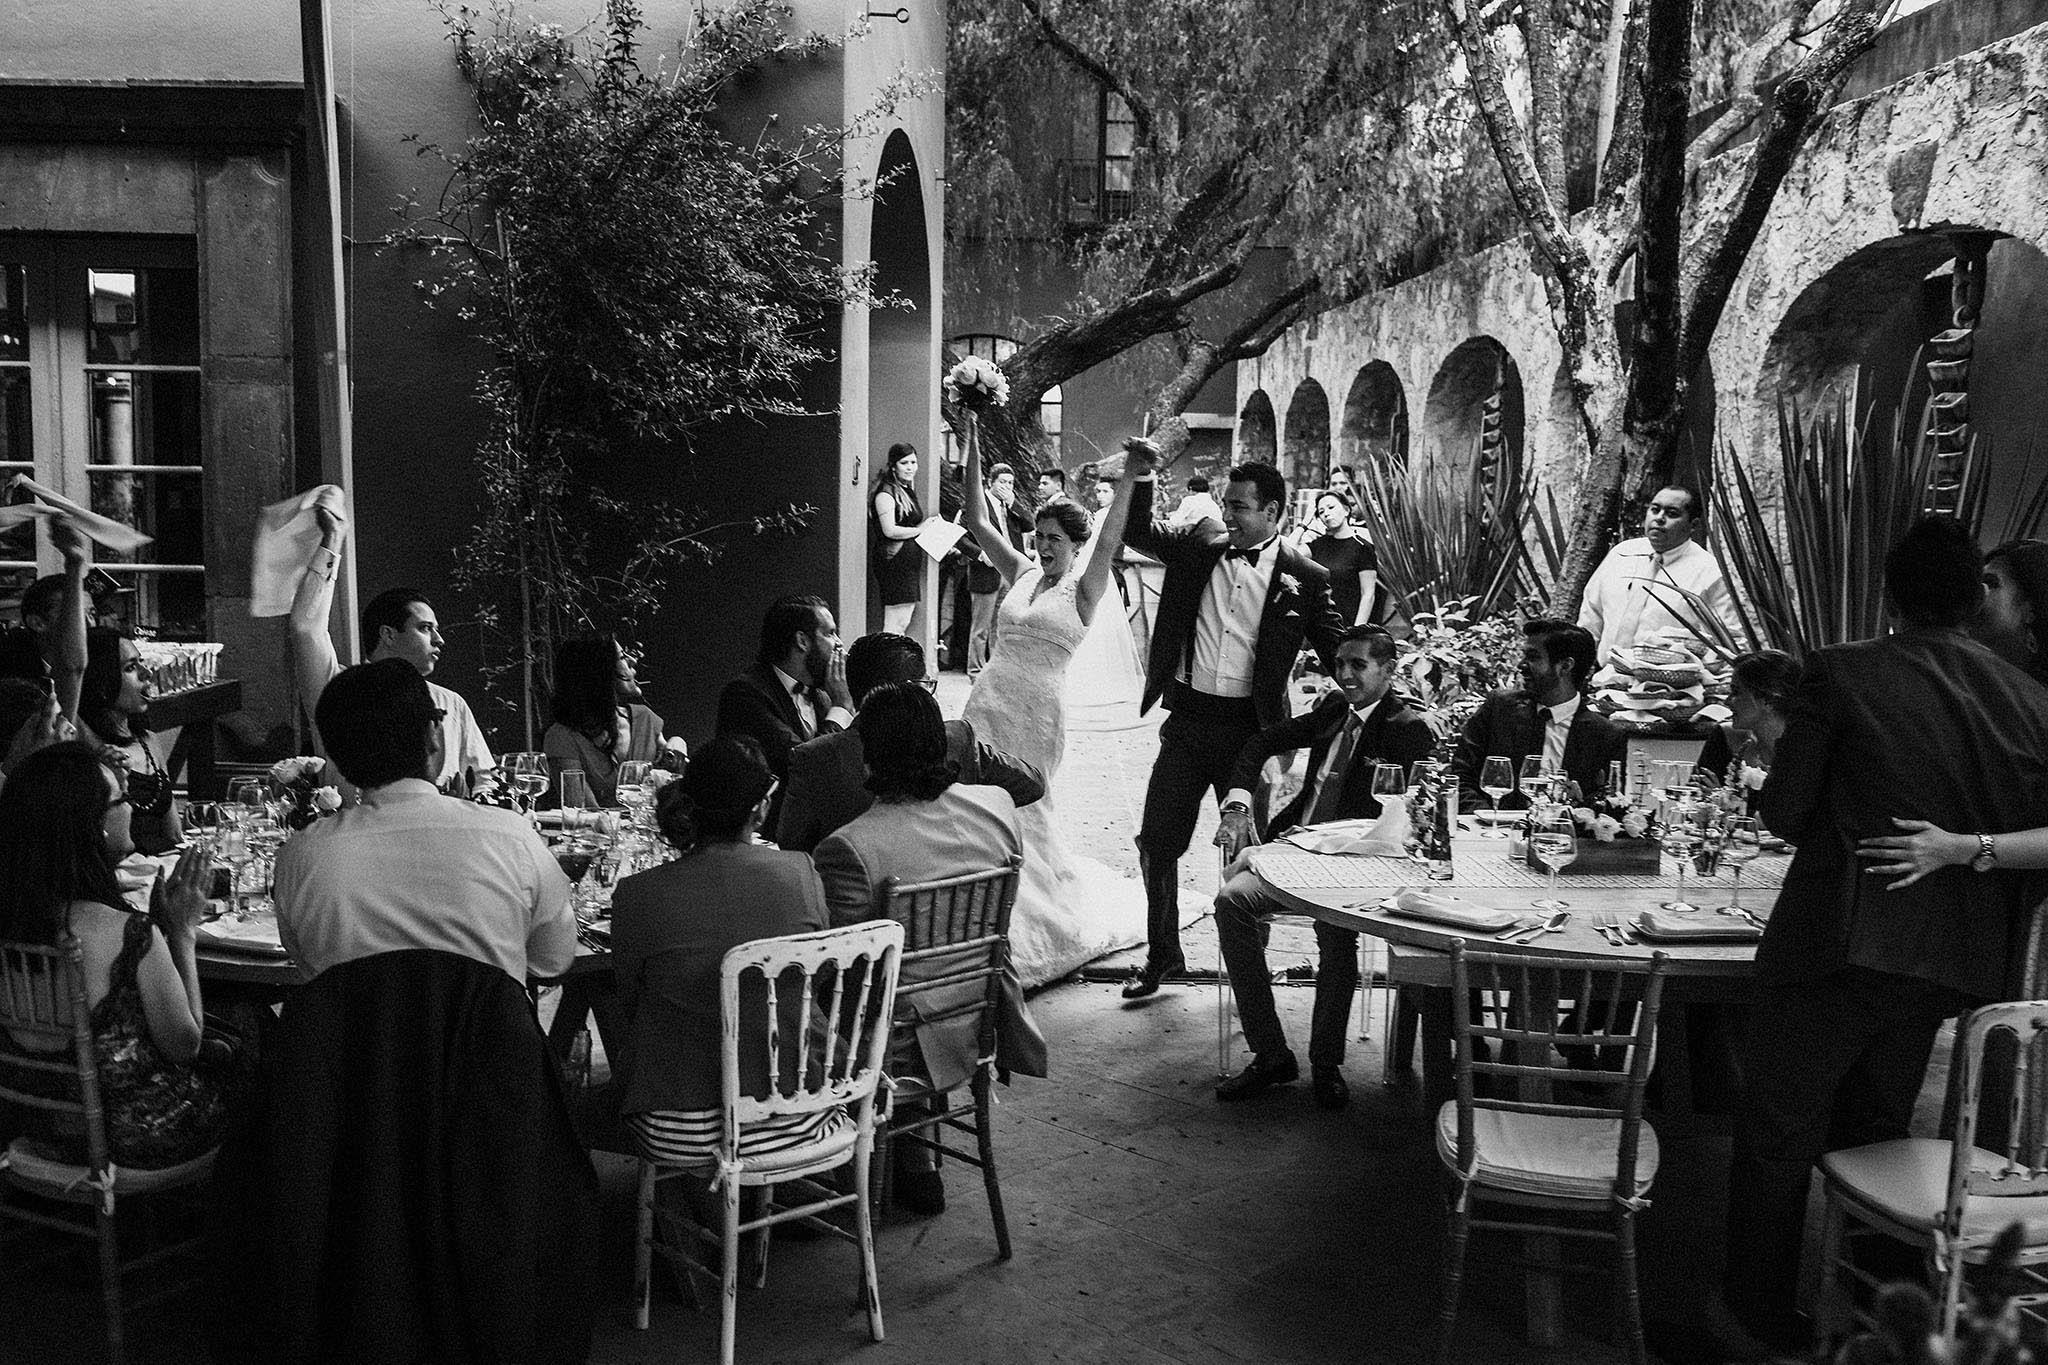 San-miguel-de-allende-weddings-hotel-nena57